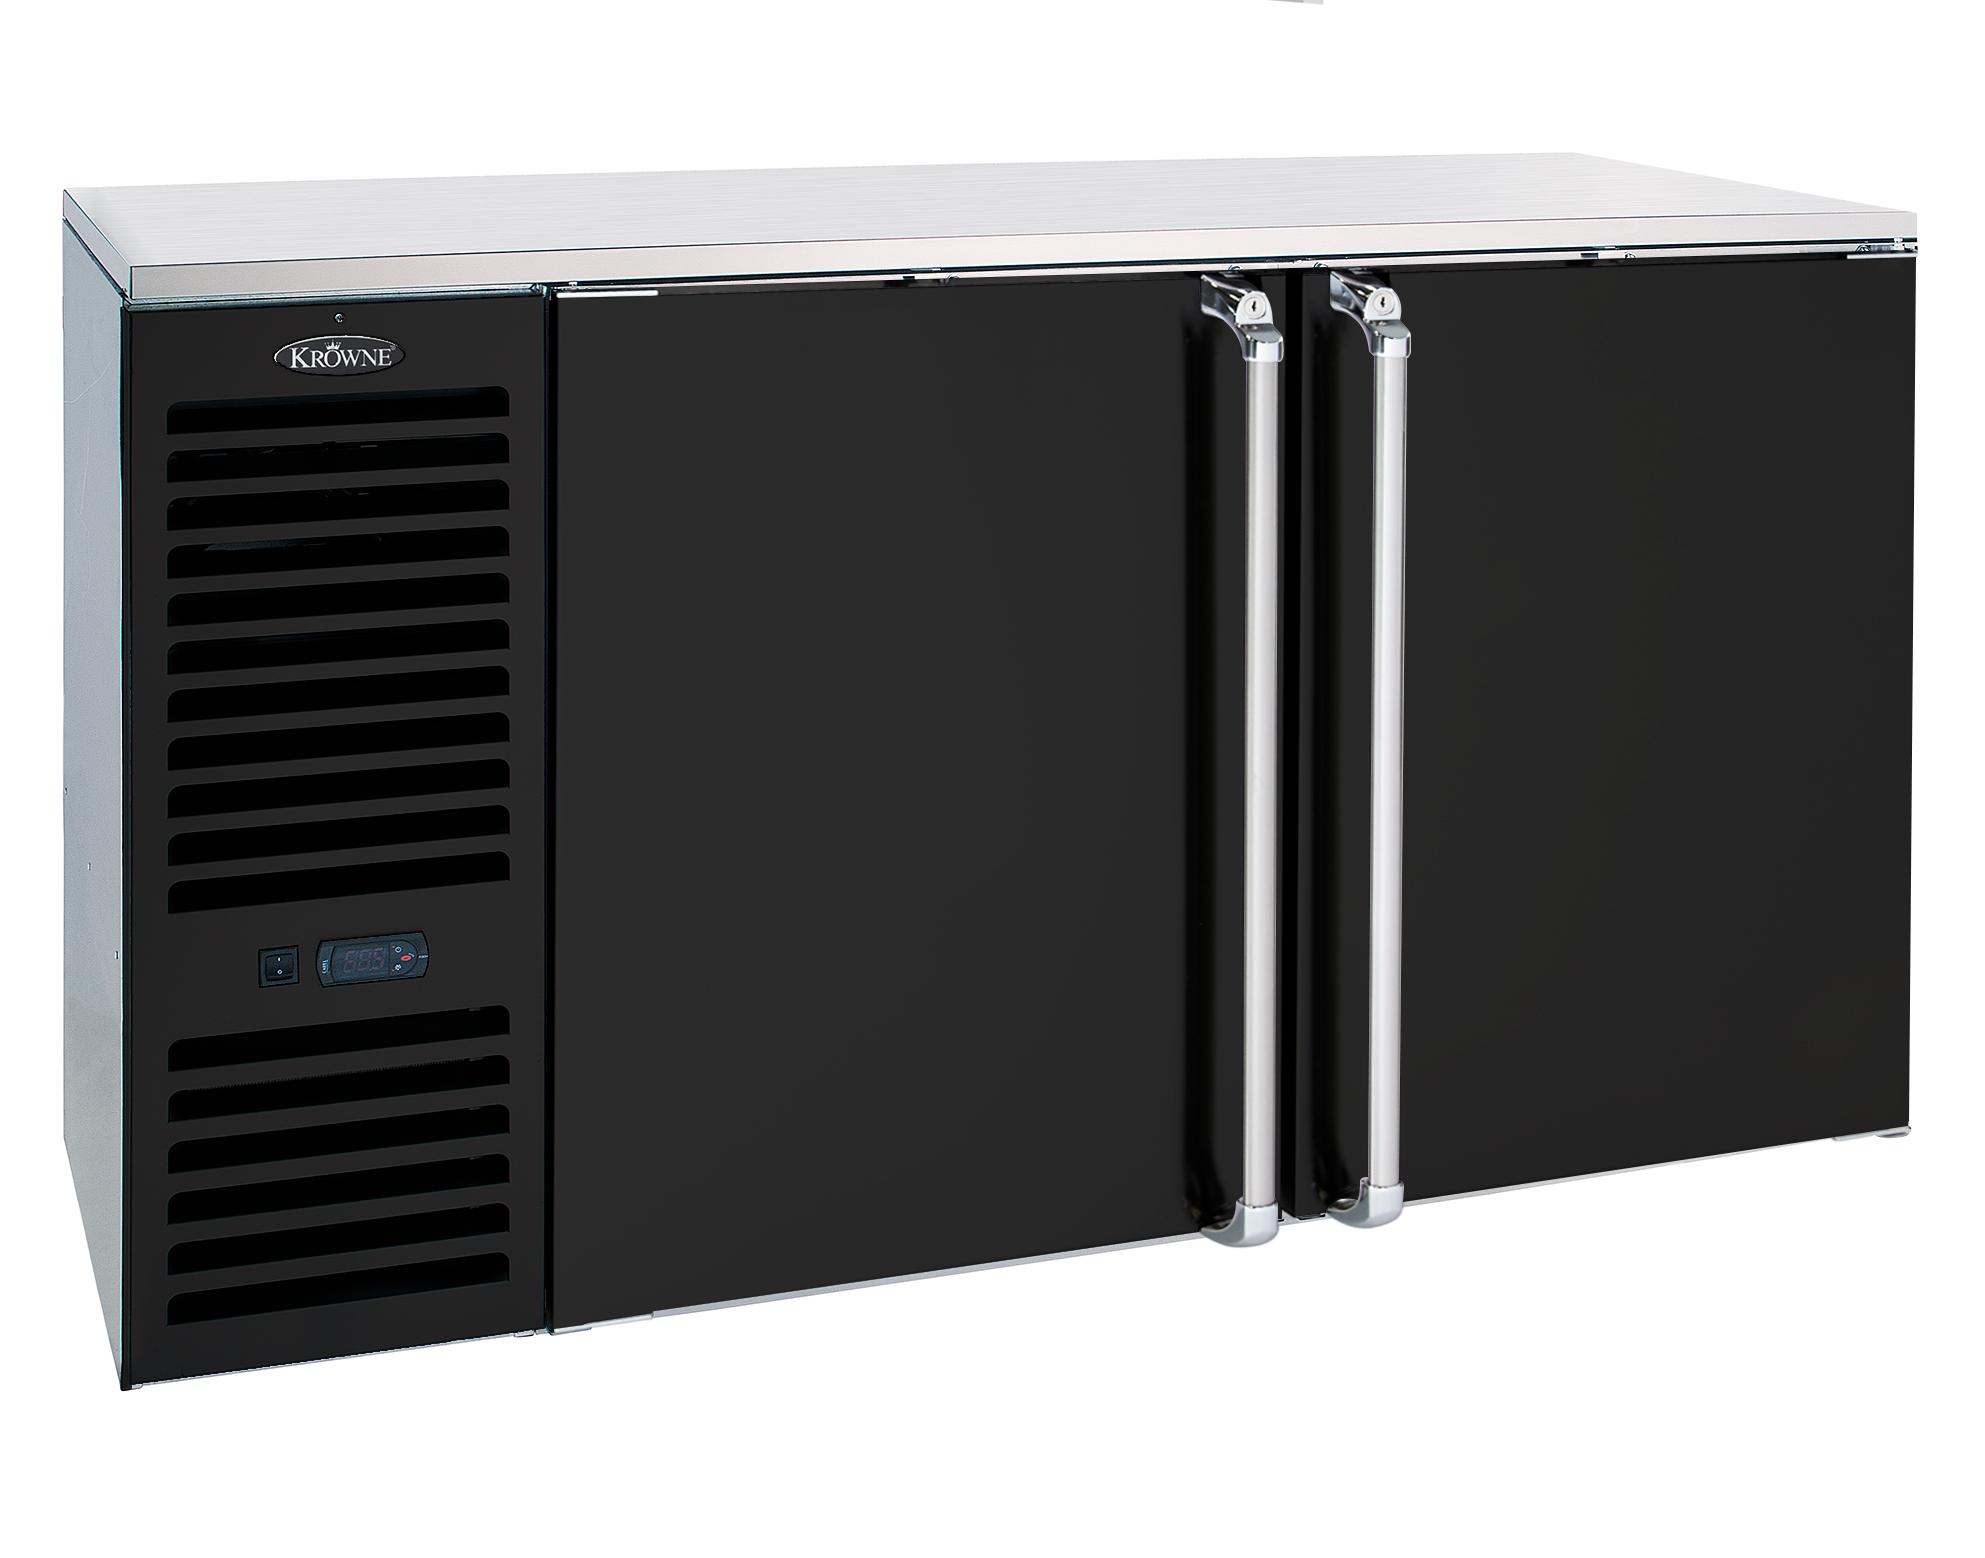 Krowne Metal BS60R-KSS refrigeration